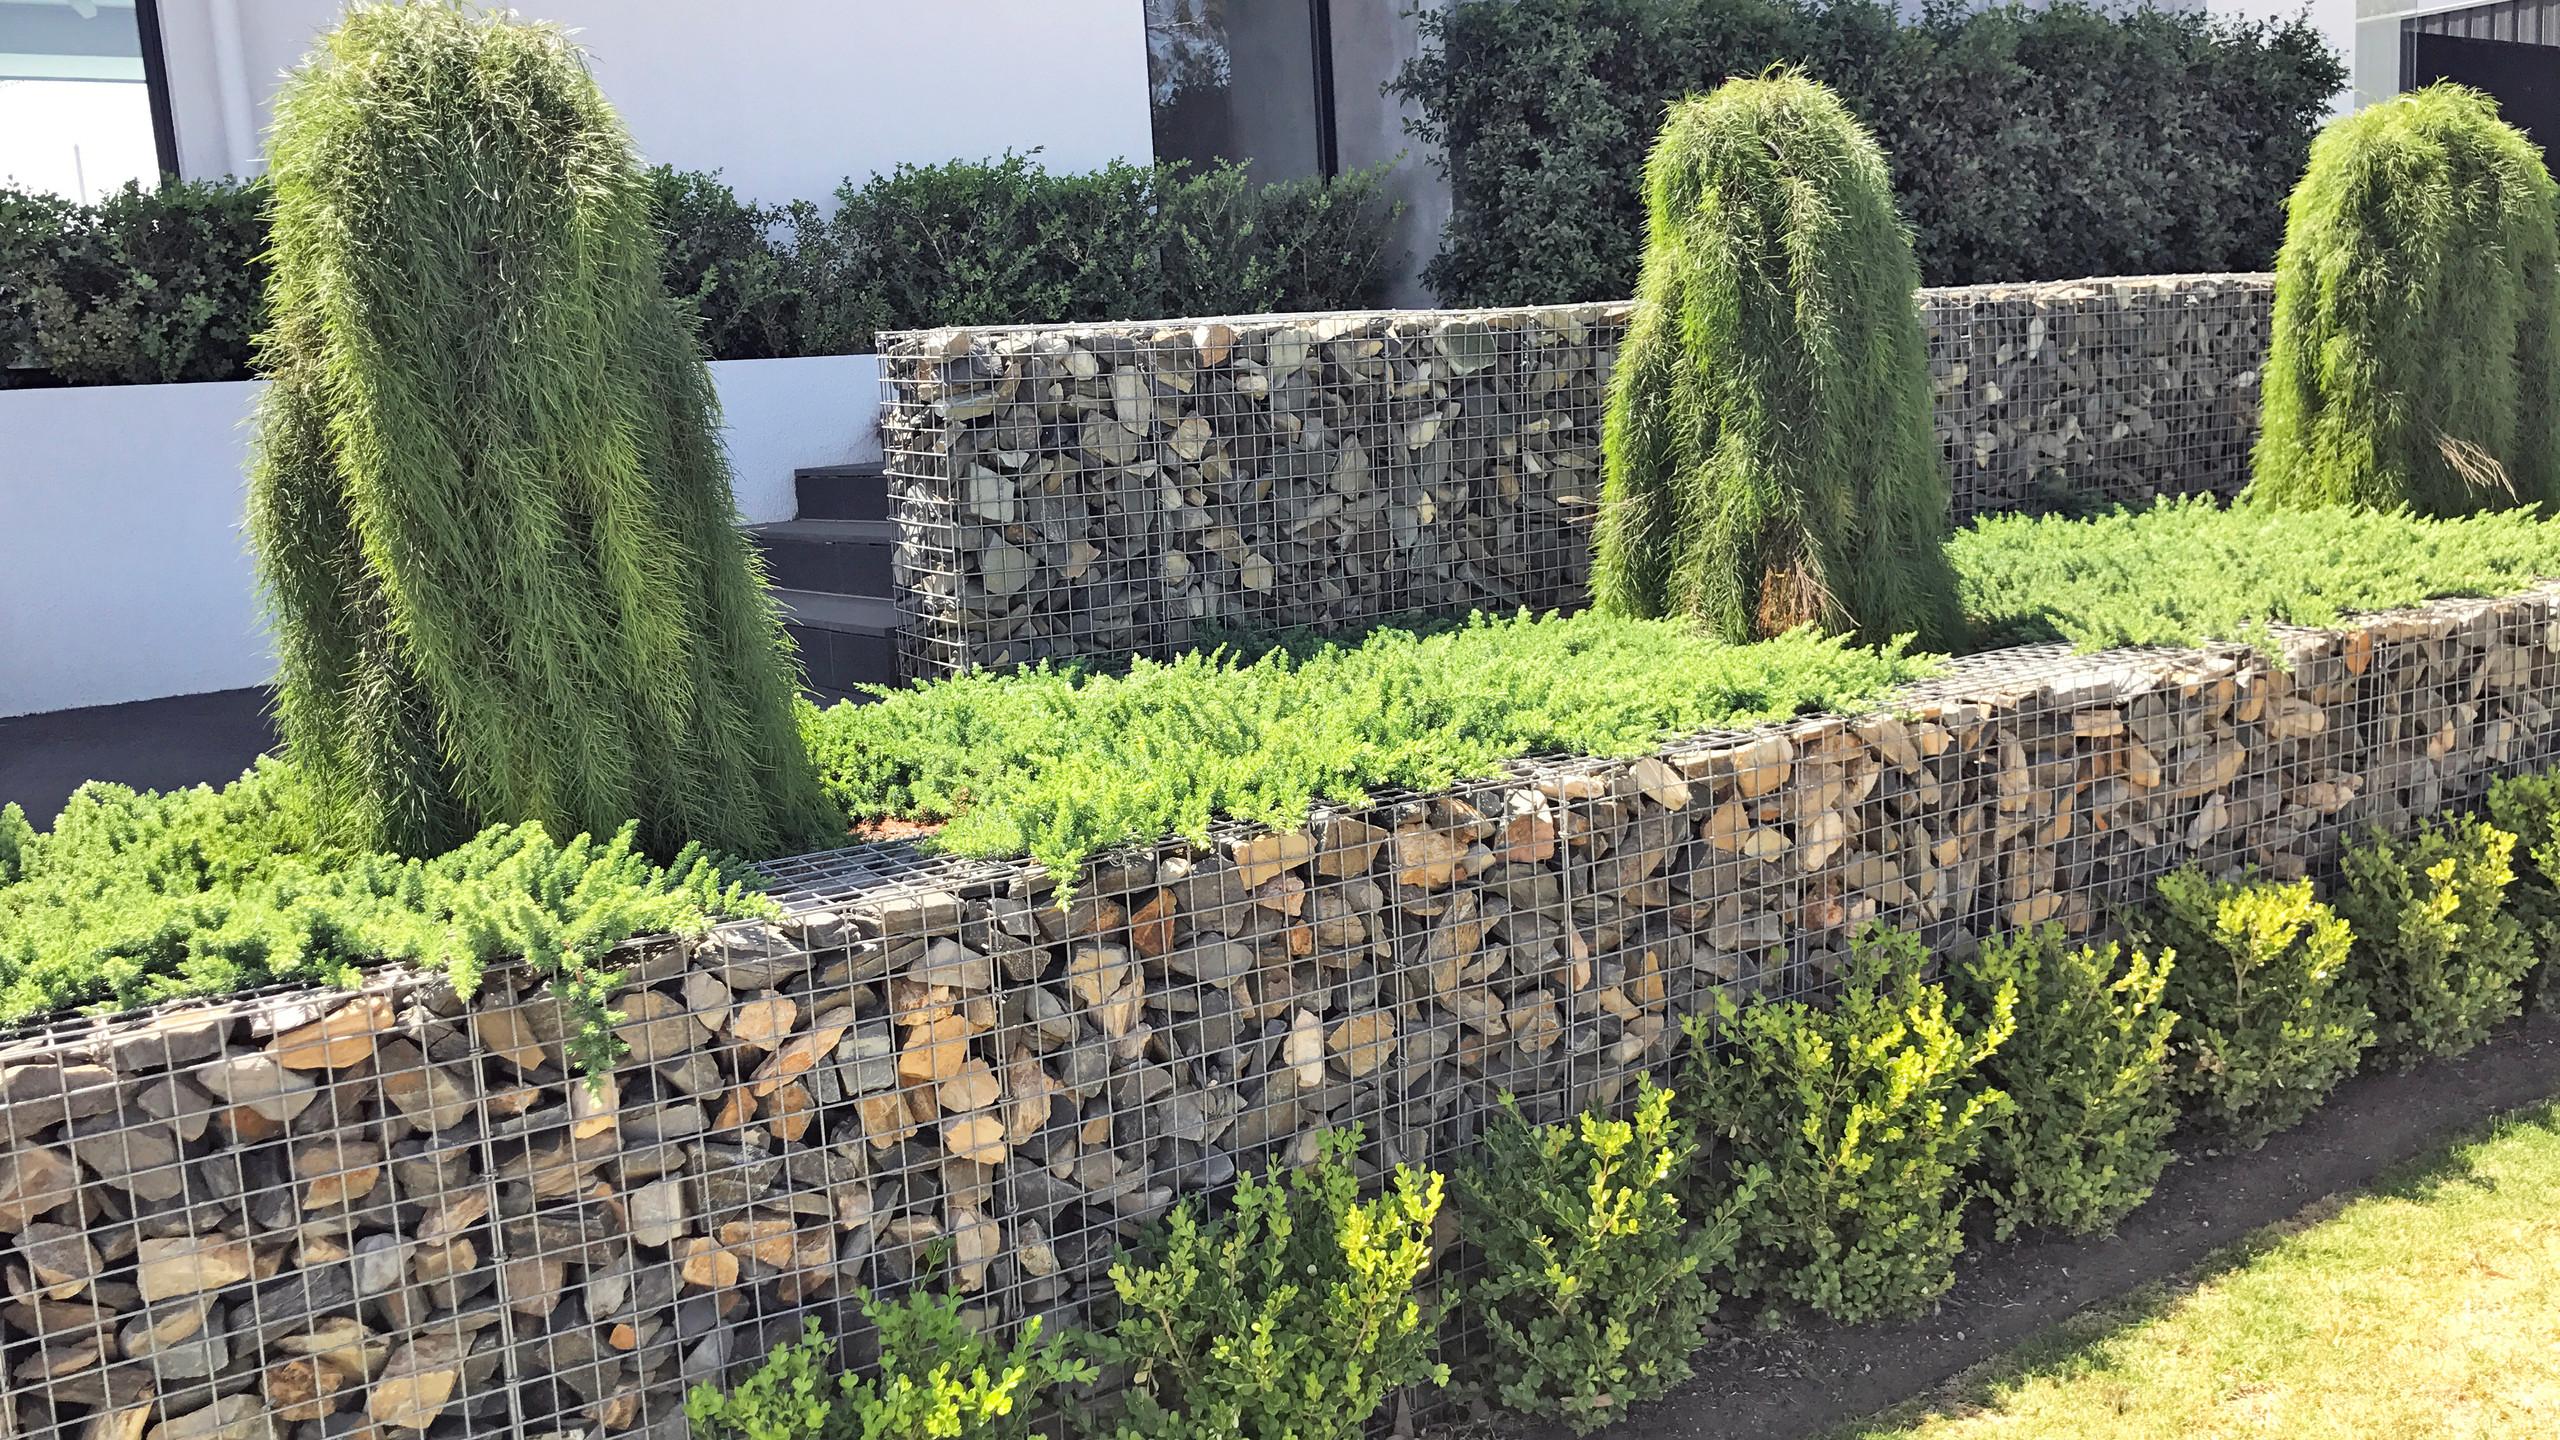 5. Retaining & Erosion Control